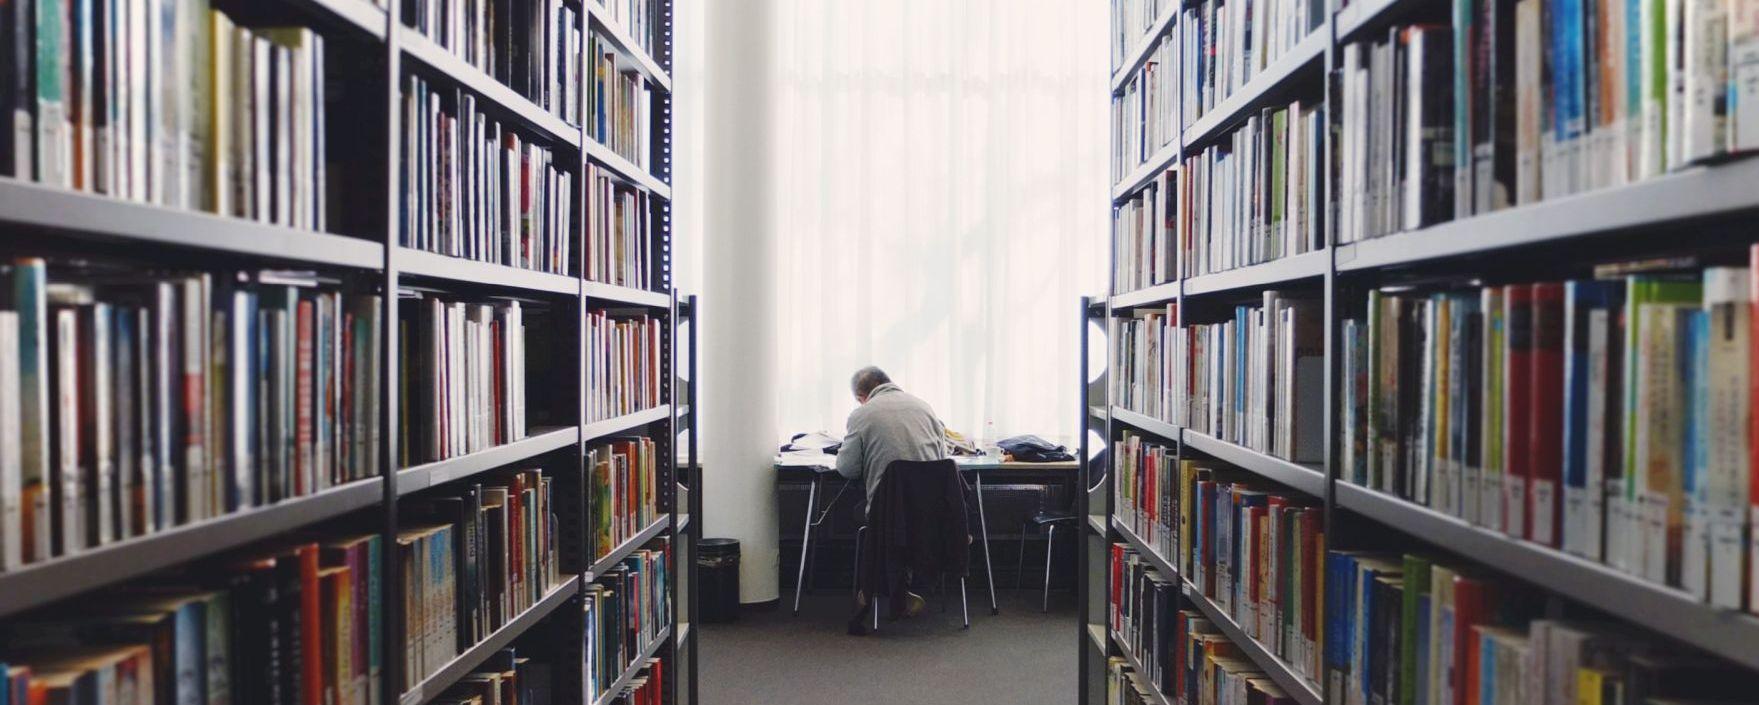 Tanulás a könyvtárban